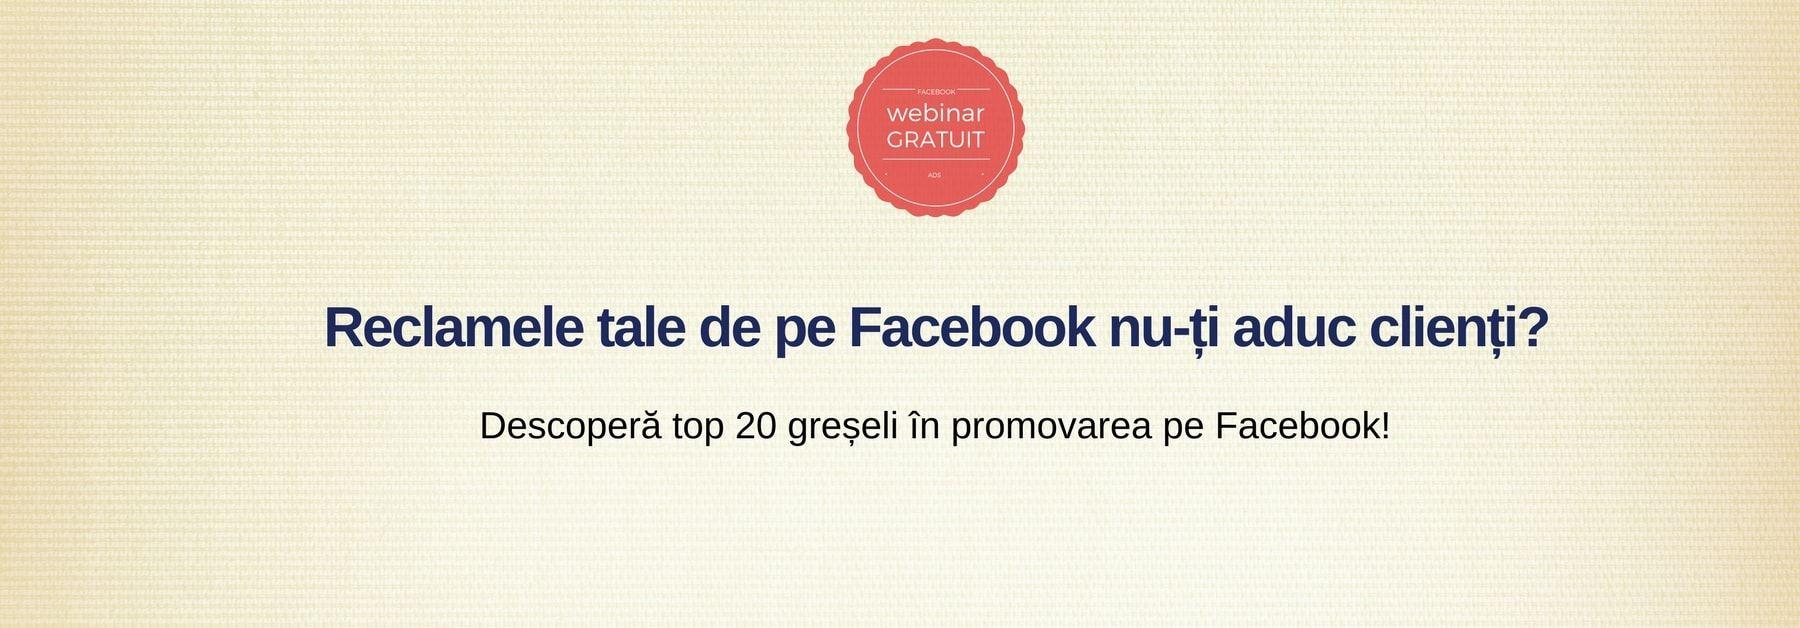 greseli promovarea pe facebook